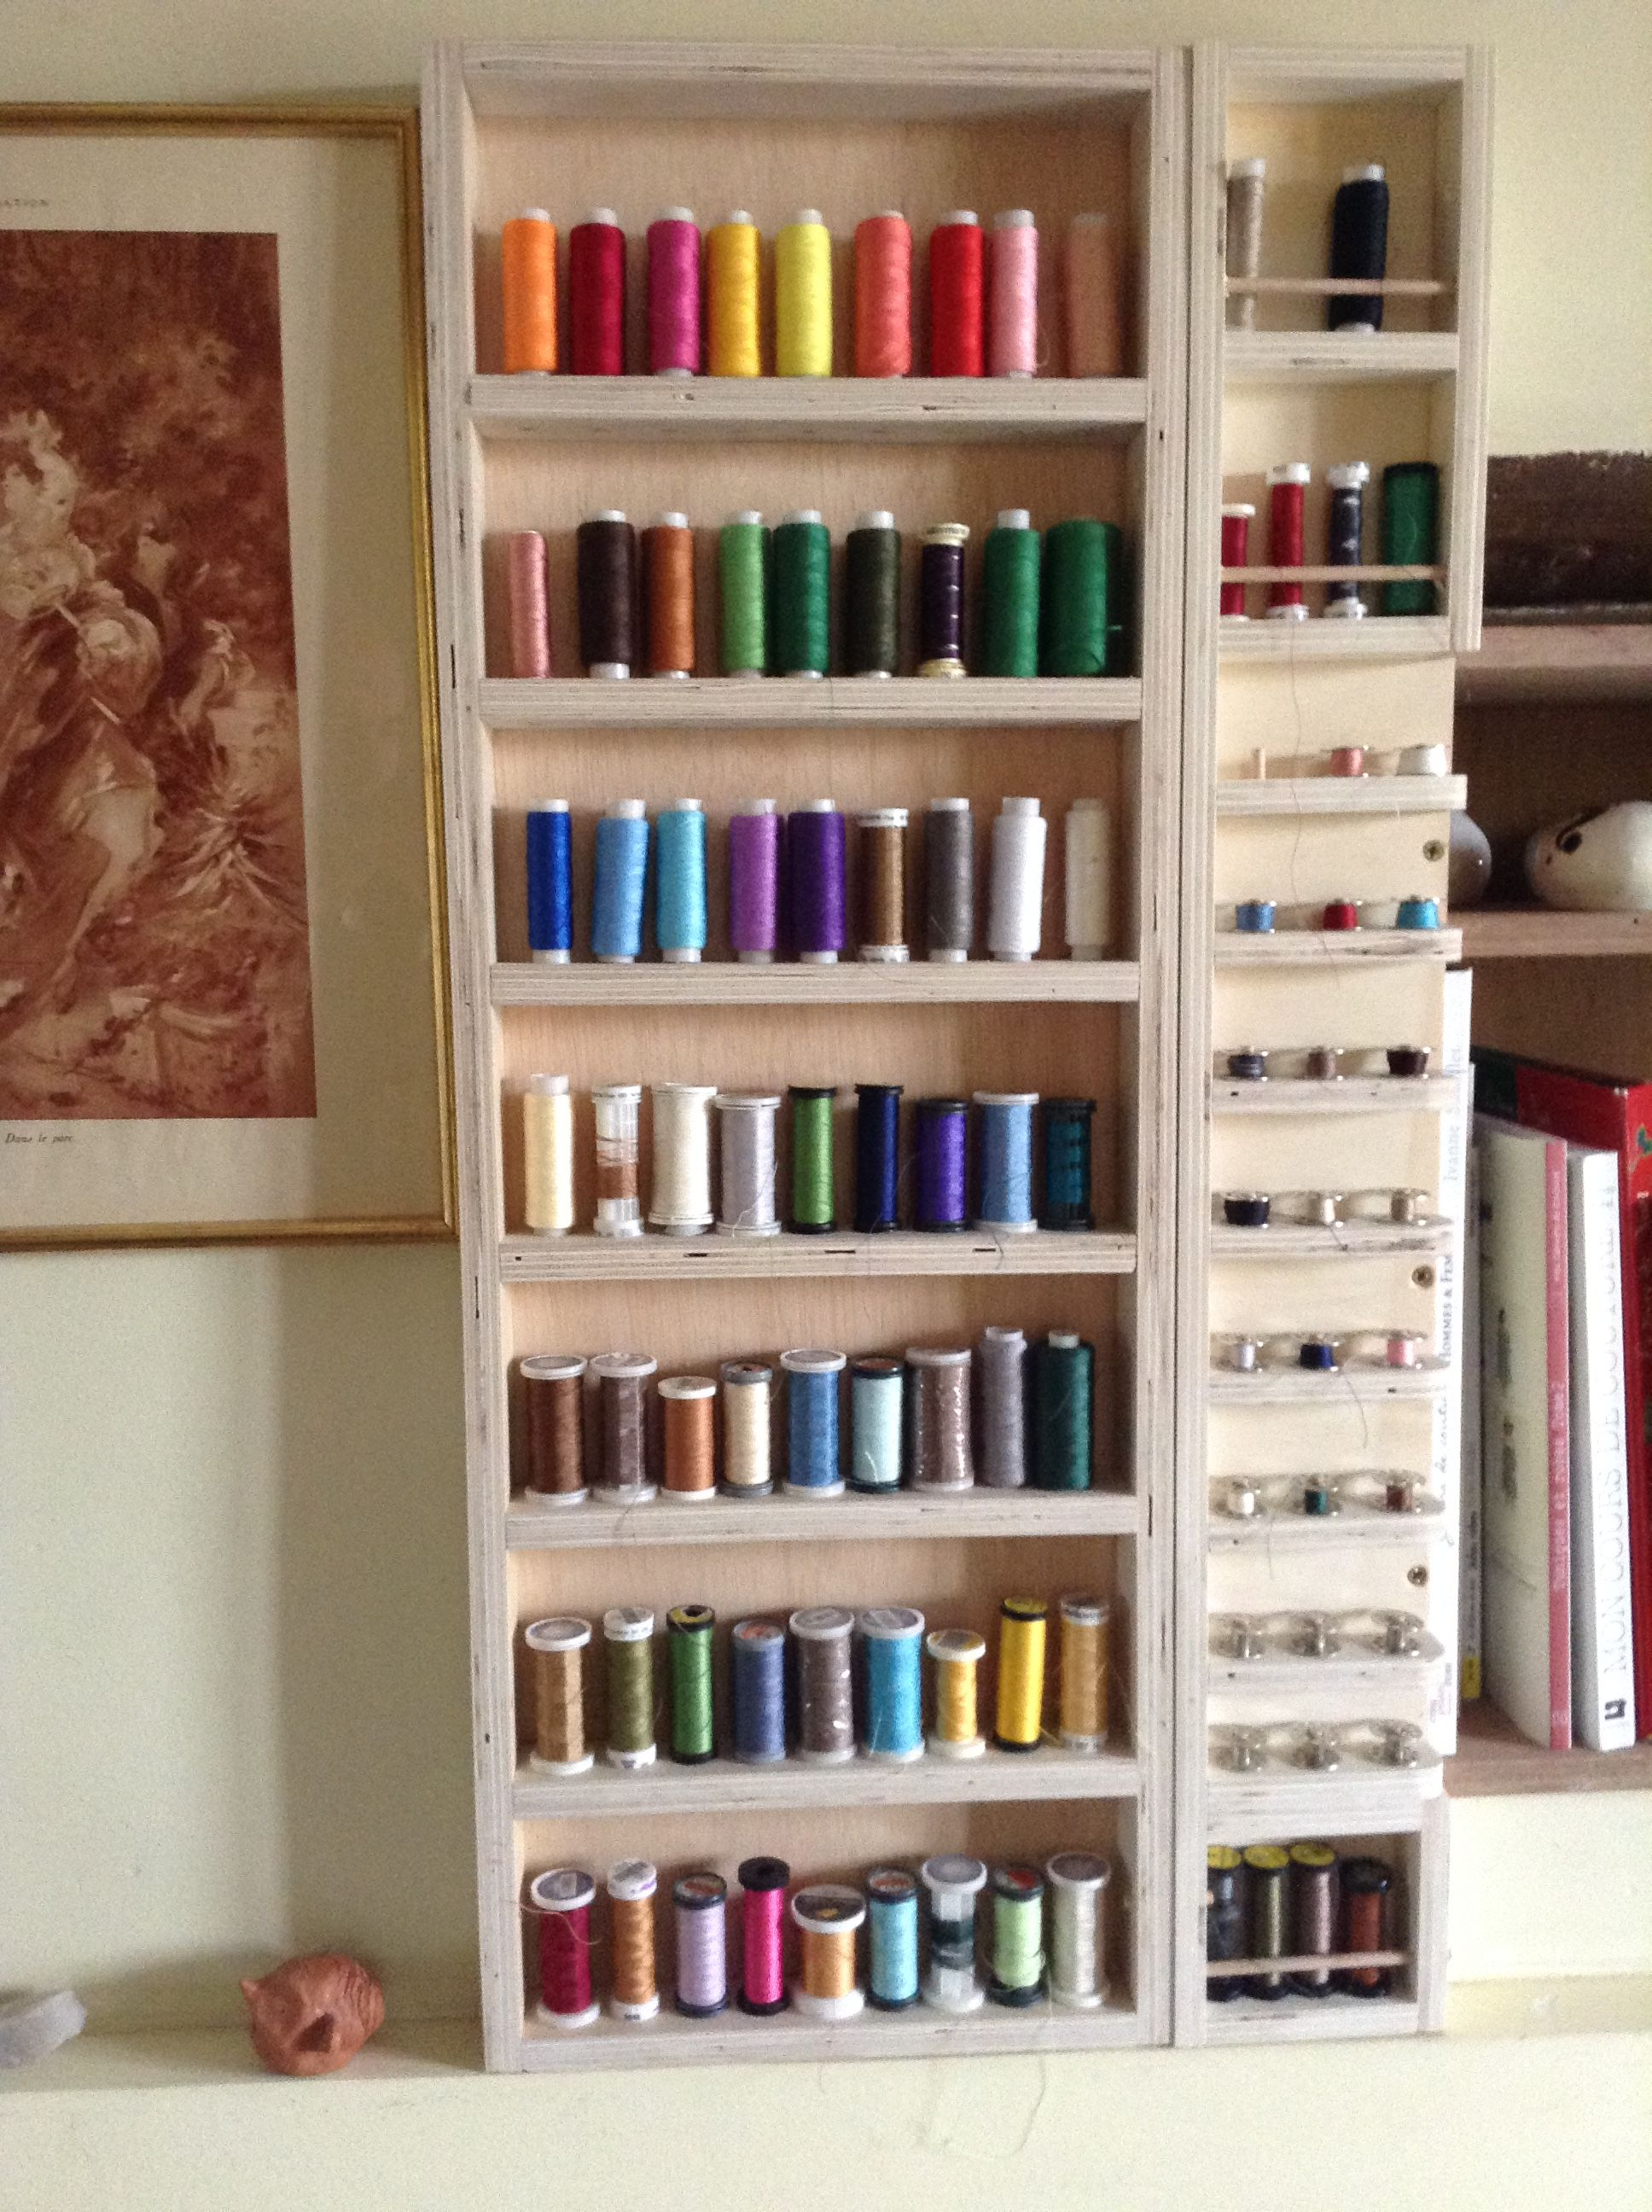 tag re murale pour rangement bobines fil pour l 39 atelier de couture r alisation ikadia ikadia. Black Bedroom Furniture Sets. Home Design Ideas